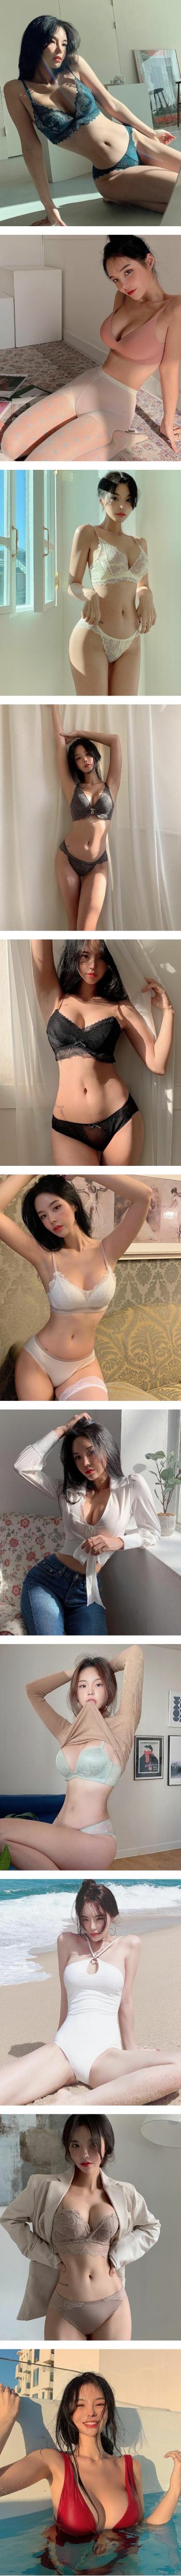 섹시함을 과시하는 란제리 모델녀의 은꼴 몸매